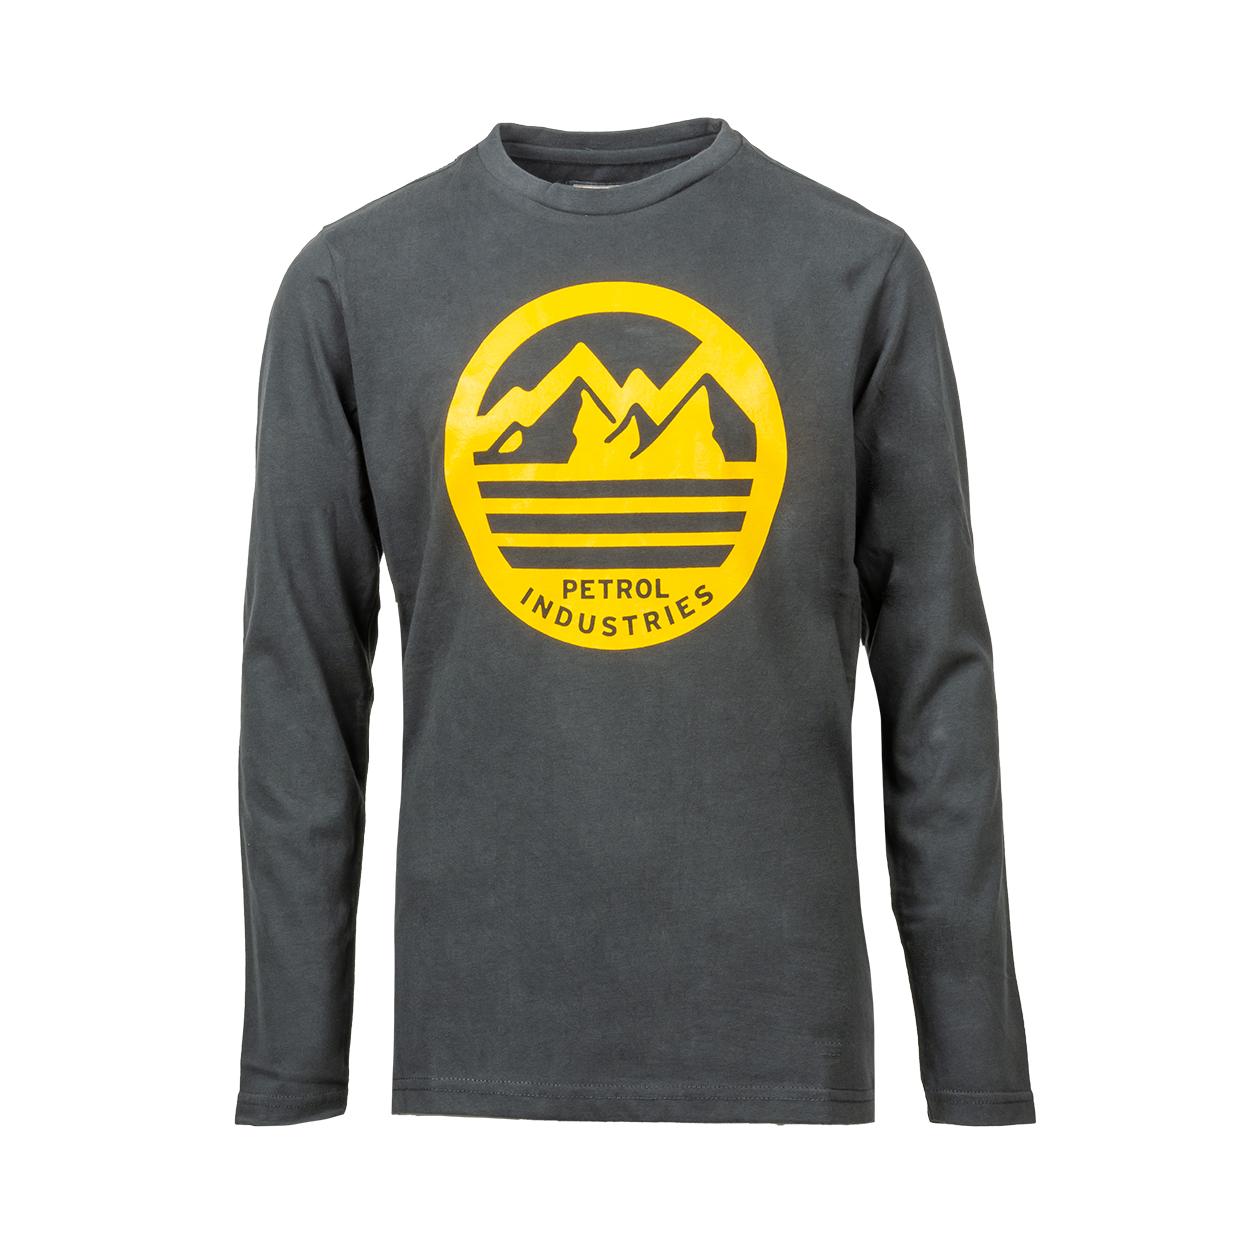 Tee-shirt manches longues  en coton gris foncé floqué jaune